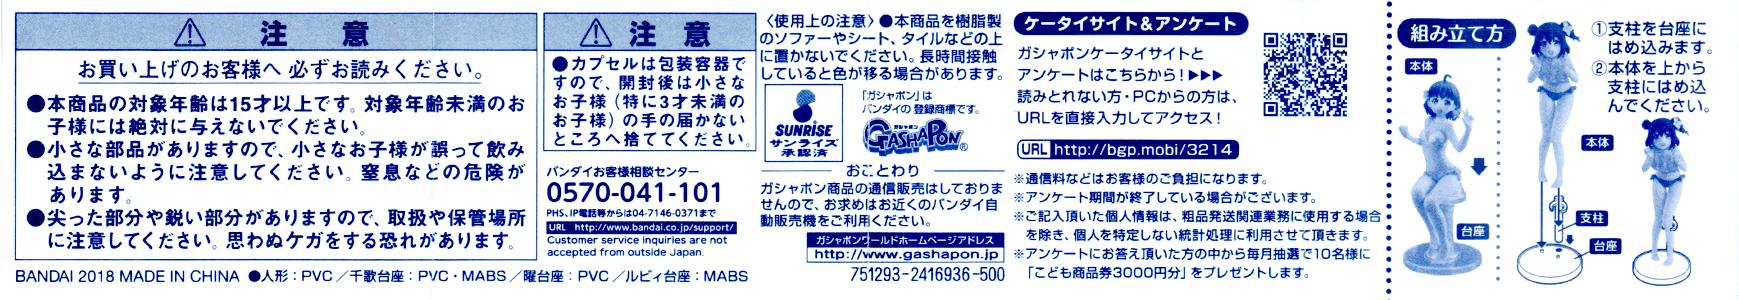 Gasha Portraits ラブライブ!サンシャイン!!04 [バンダイ]